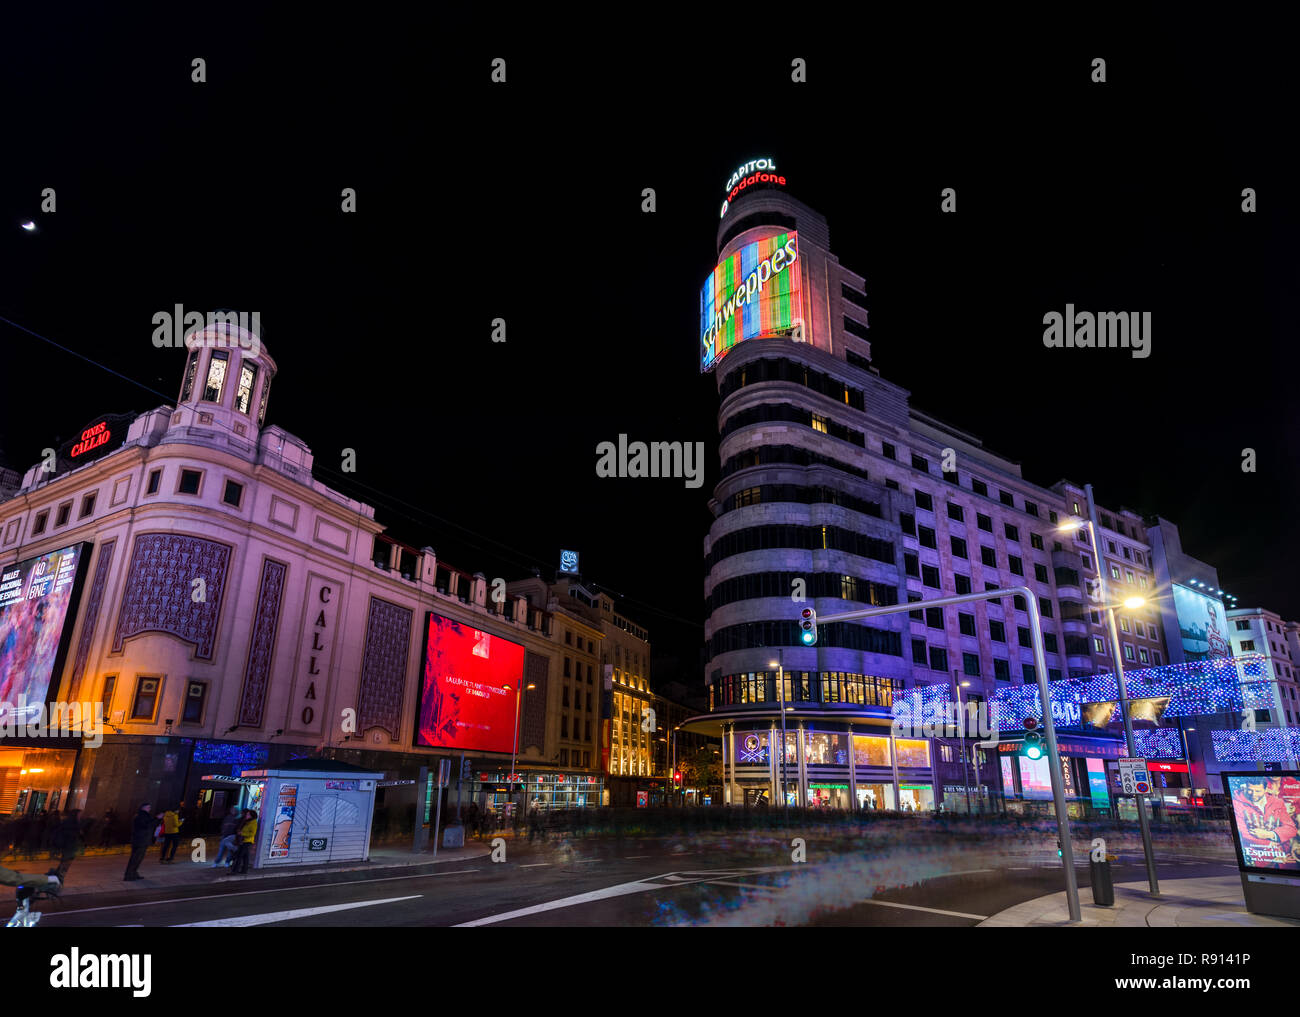 Madrid, Espagne - Décembre 2018: Gran Via avec le Schweppes signe dans la nuit éclairée par les lumières de Noël Photo Stock